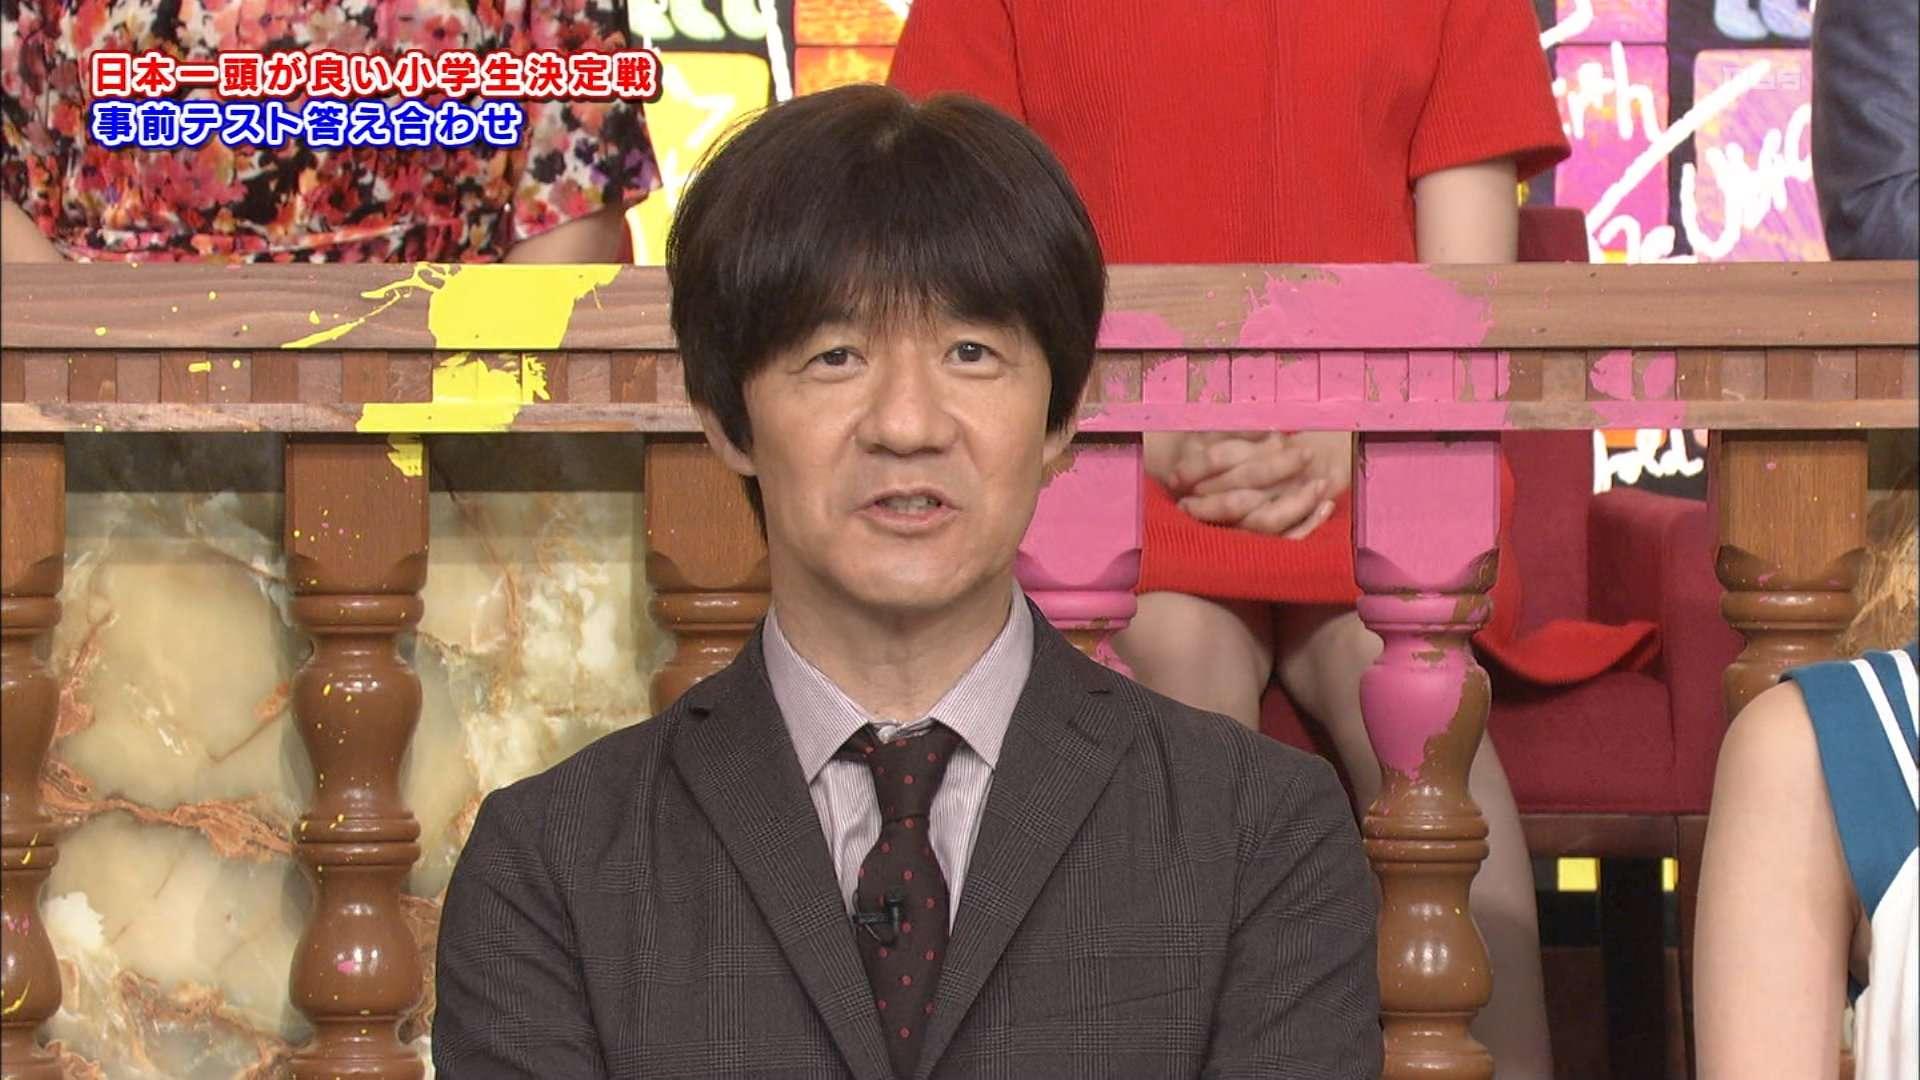 本田望結モロにパンチラや放送事故画像